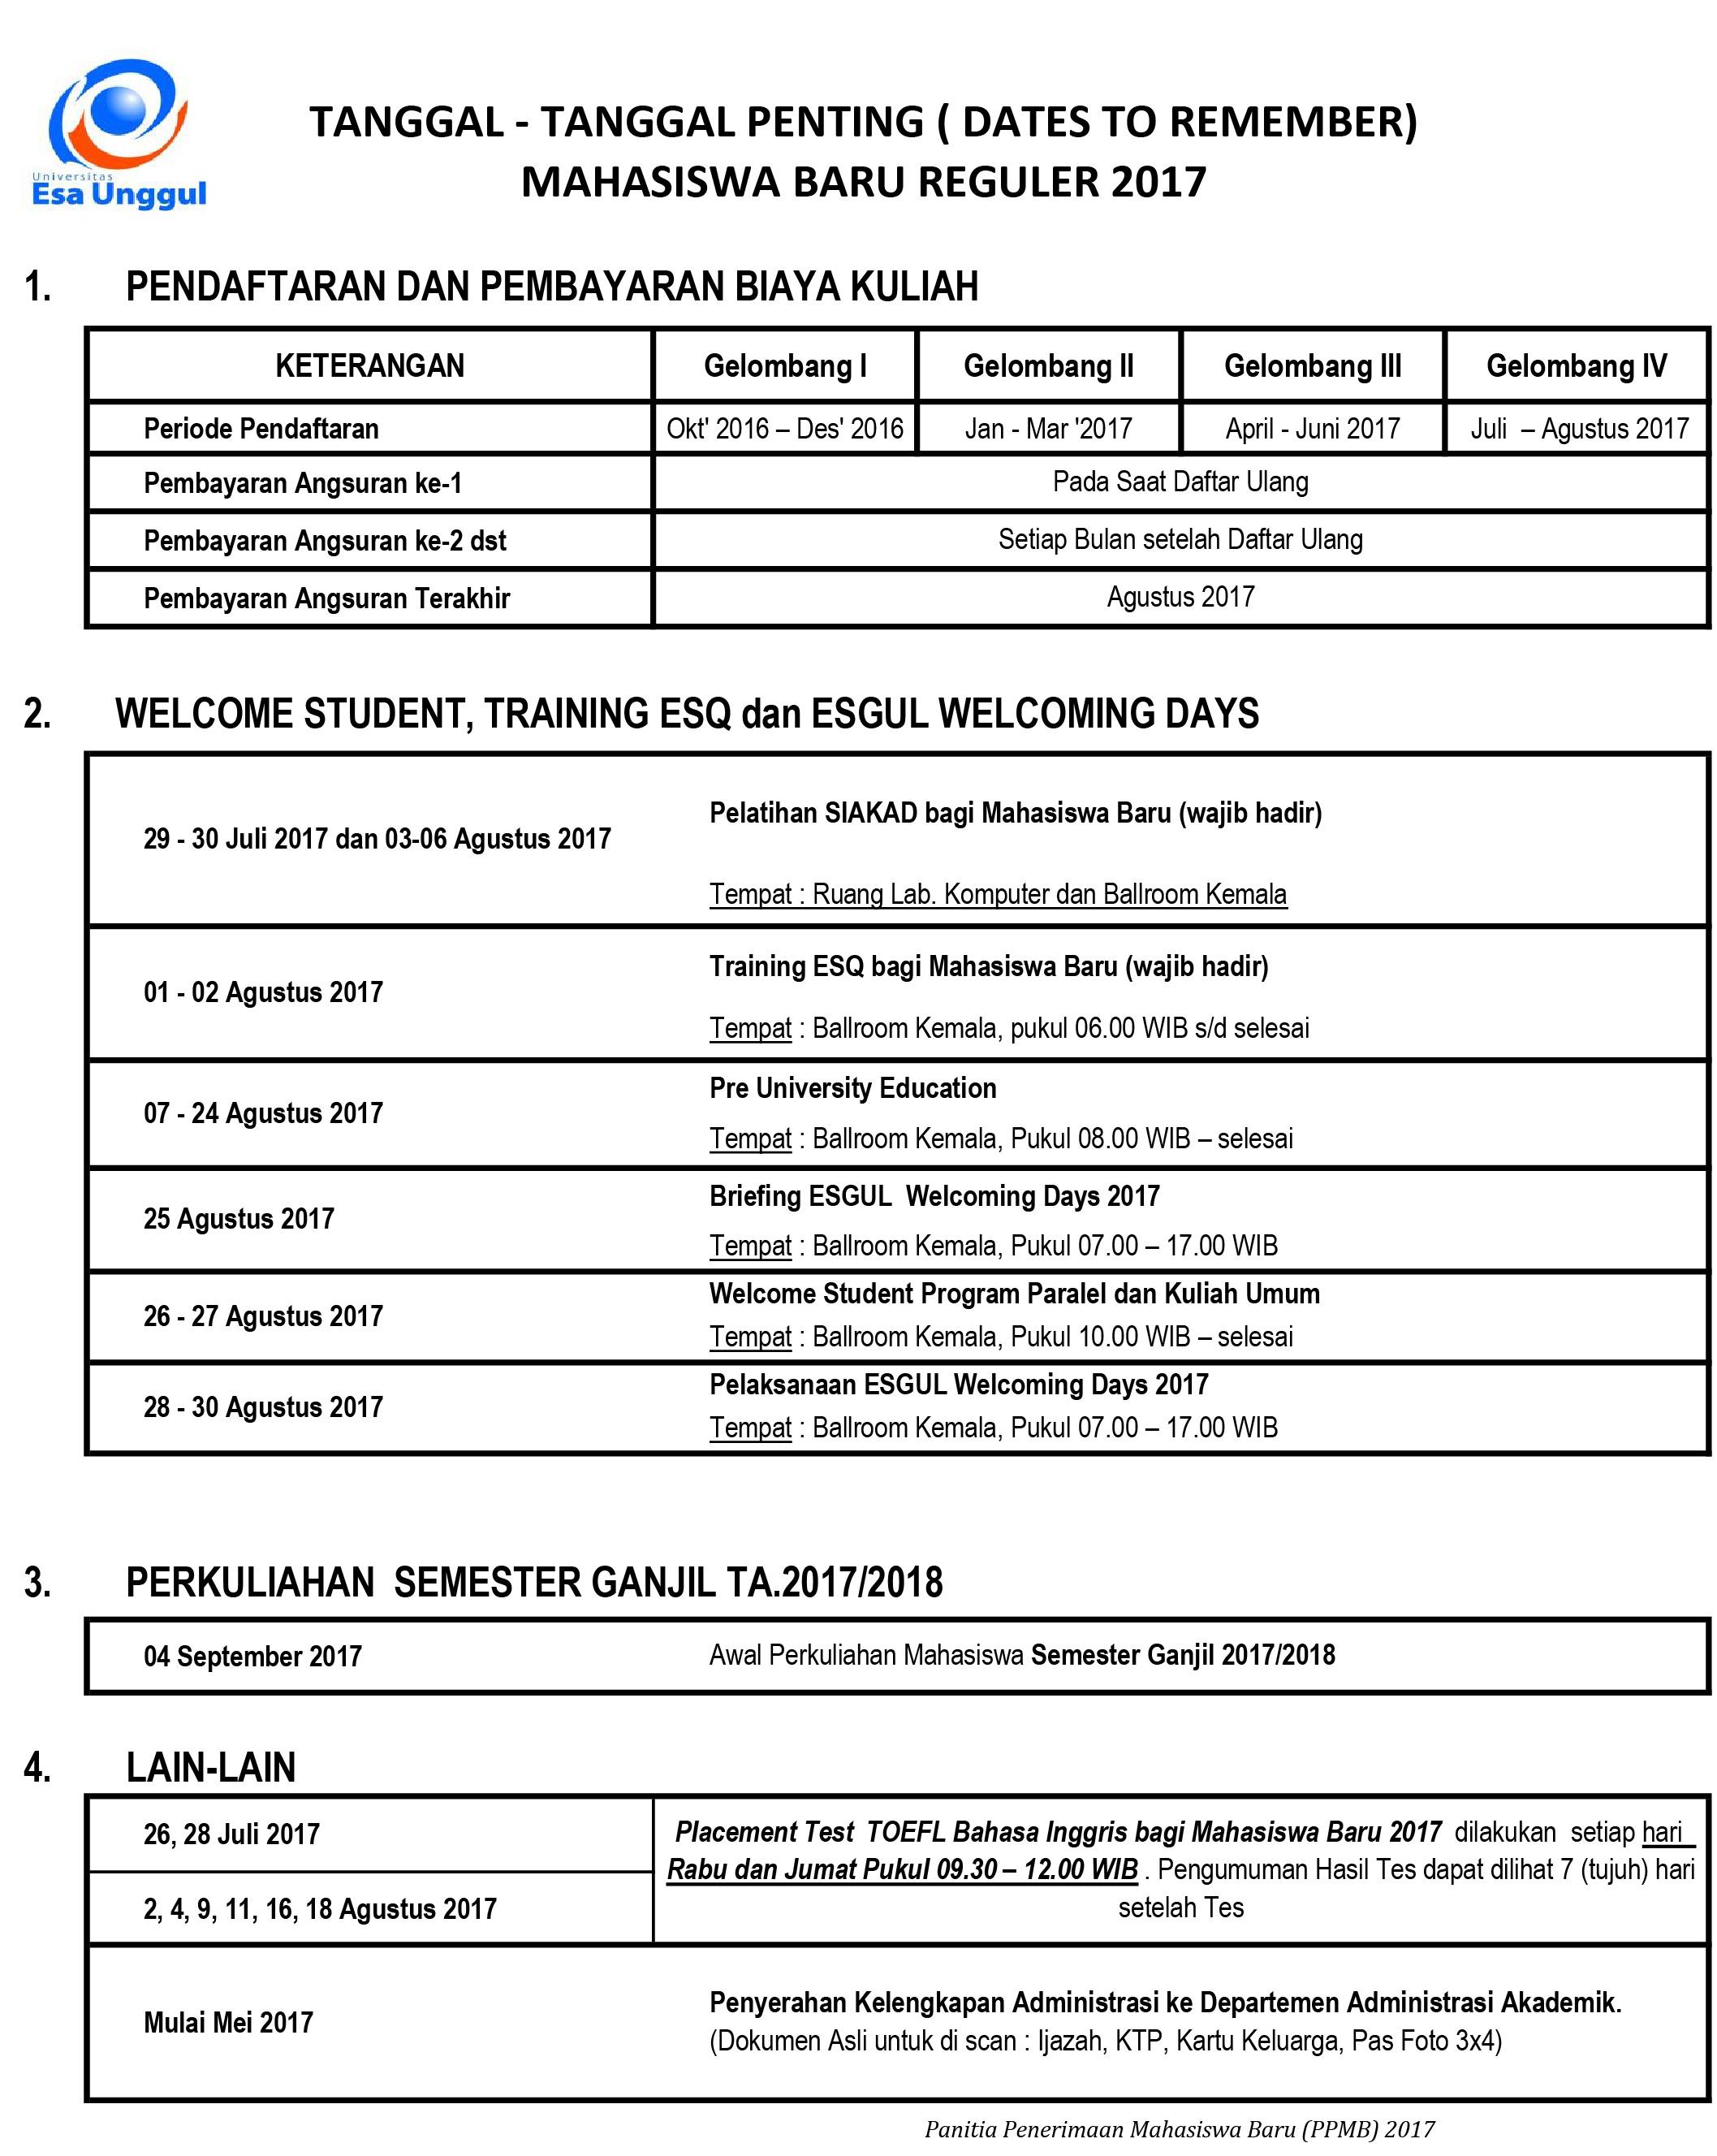 Jadwal Kegiatan Mahasiswa Baru dan TEST TOEFL Kelas Reguler 2017